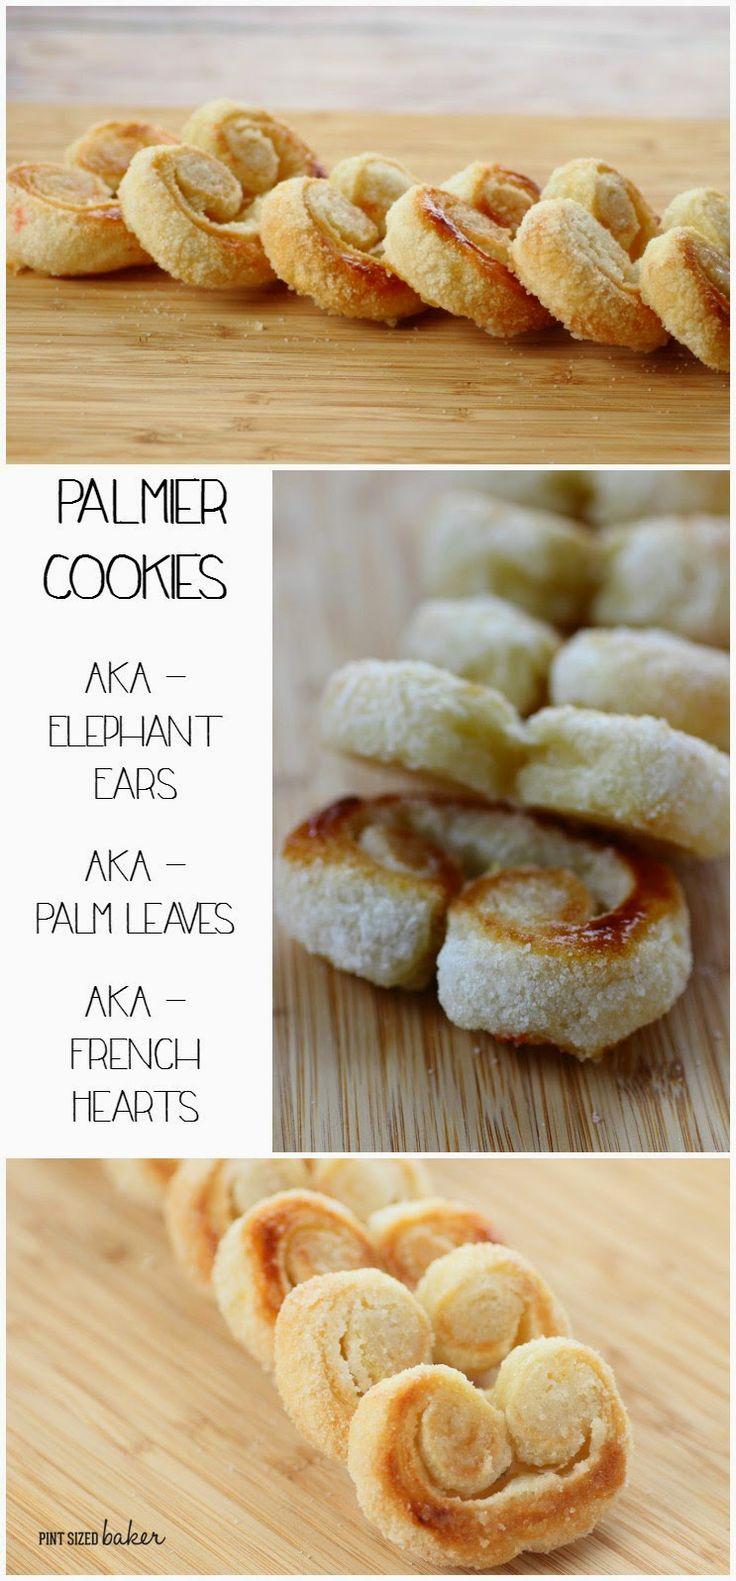 Palmier Cookies - AKA Elephant Ears - AKA Palm Leaves - AKA French ...